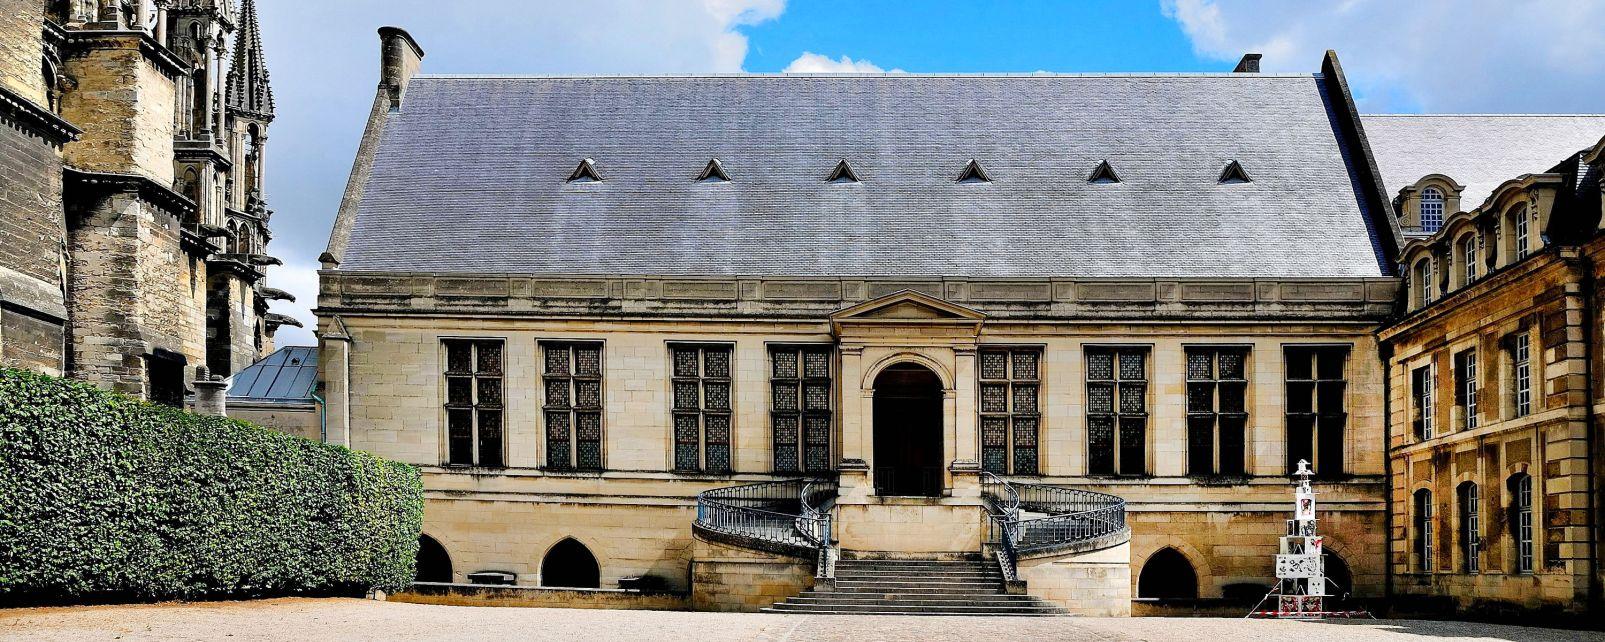 Palais du Tau, Les monuments, Champagne-Ardenne